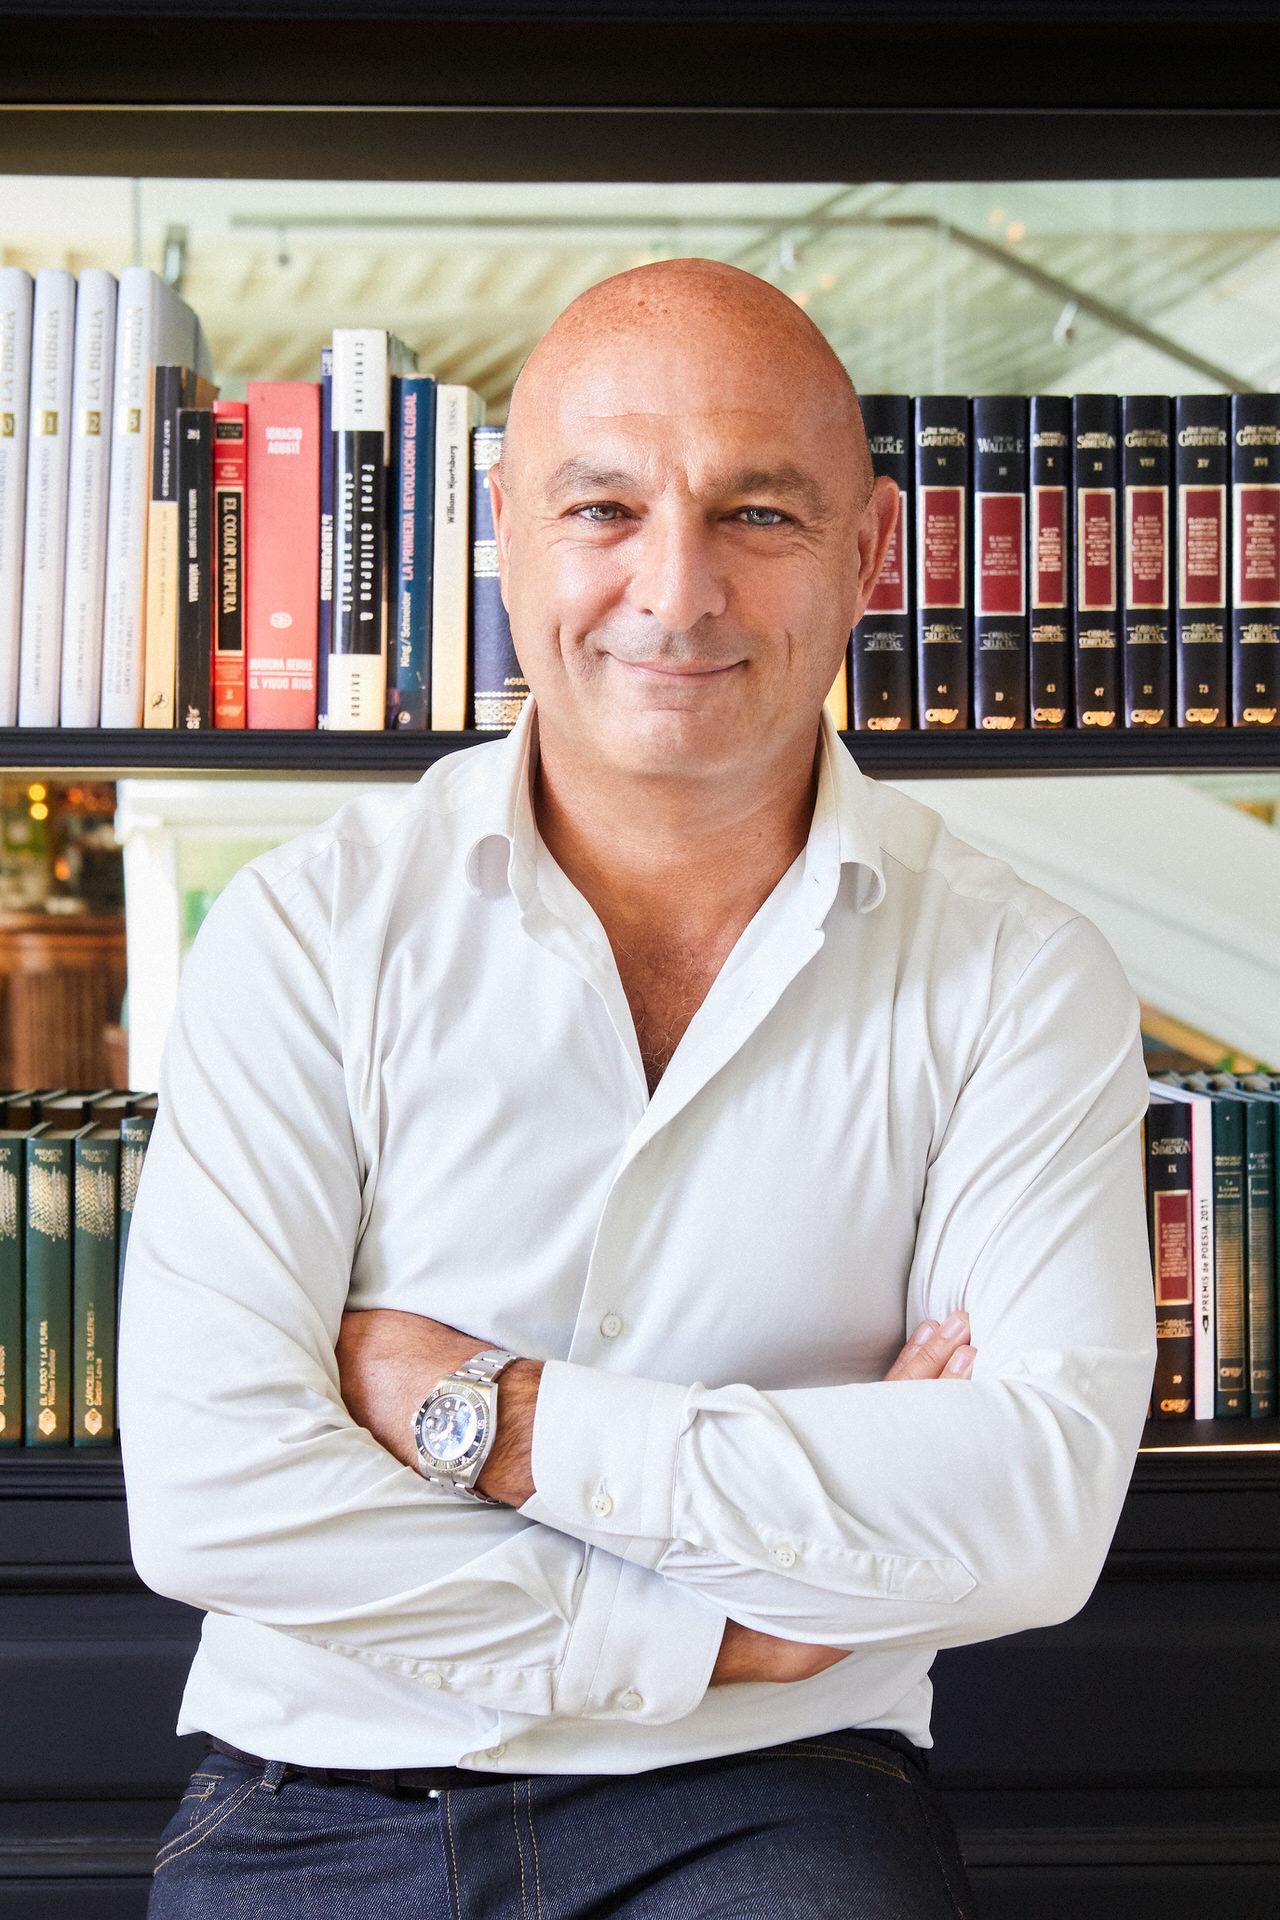 Editorial portrait in location of Michael Jaïs, Launchmetrics CEO de Launchmetrics by Marc Díez portrait photographer based in Barcelona.